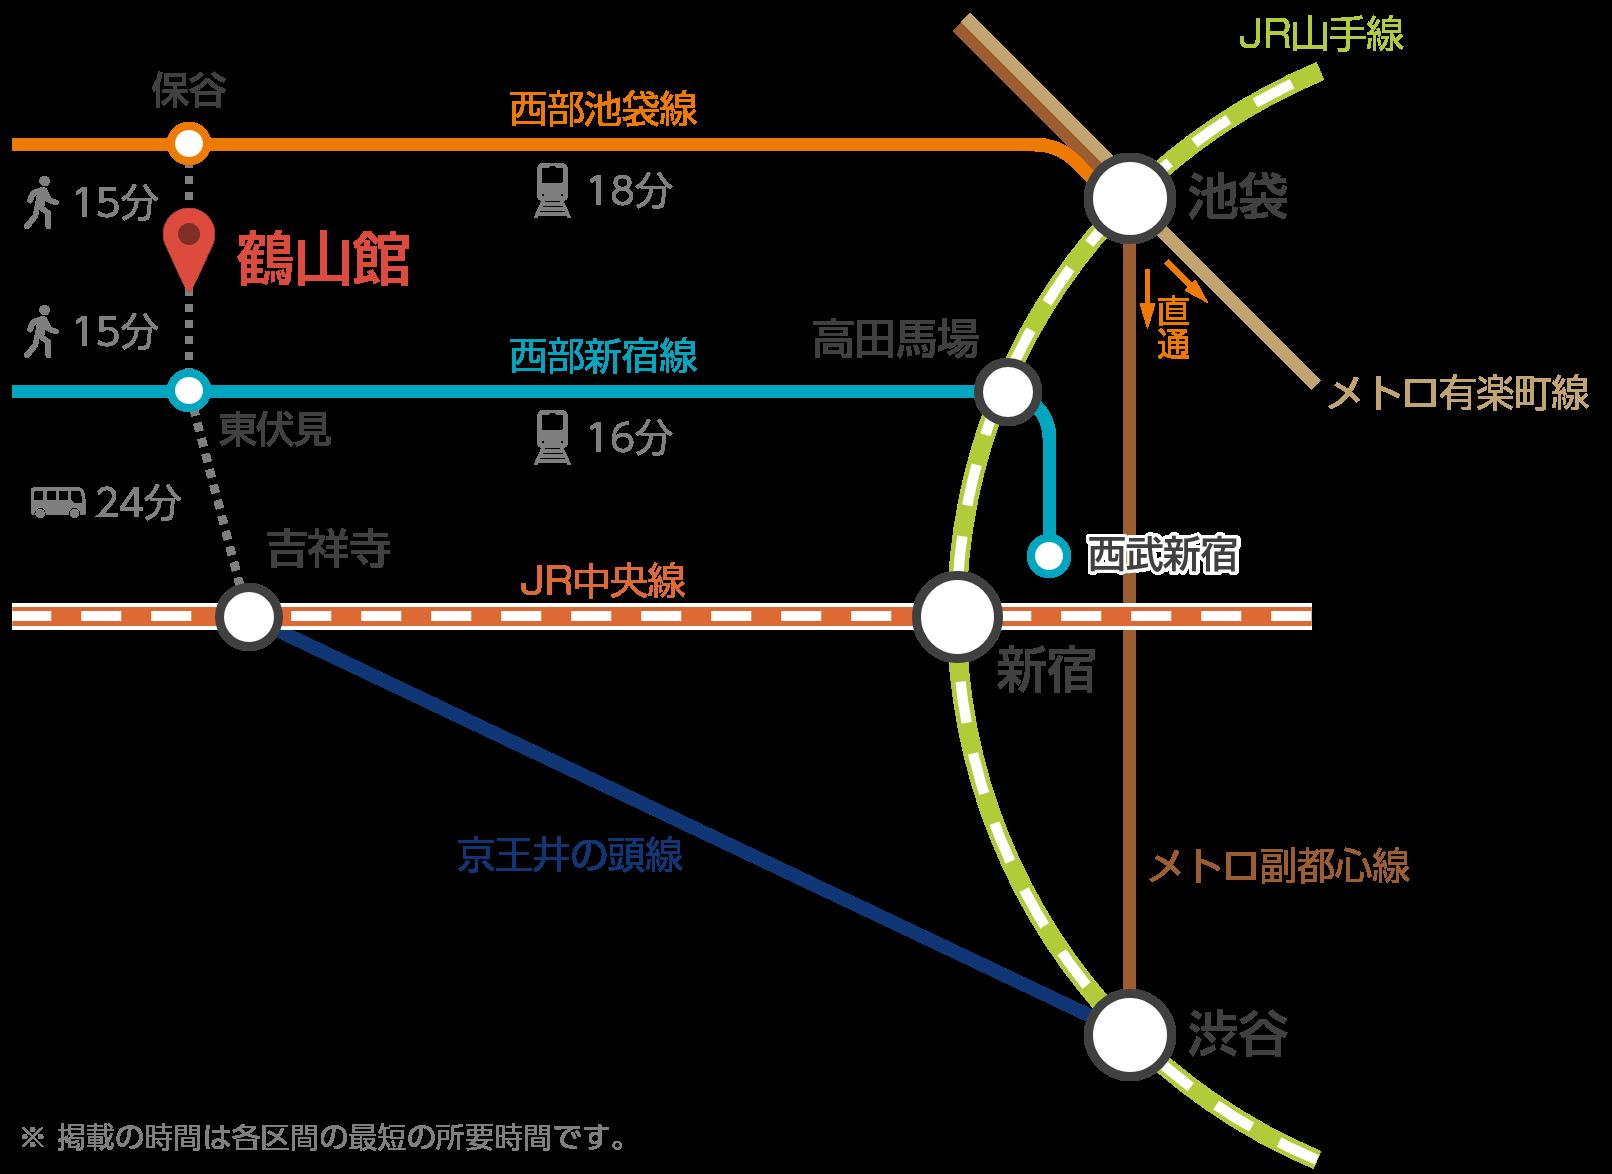 鶴山館の交通アクセスについての画像